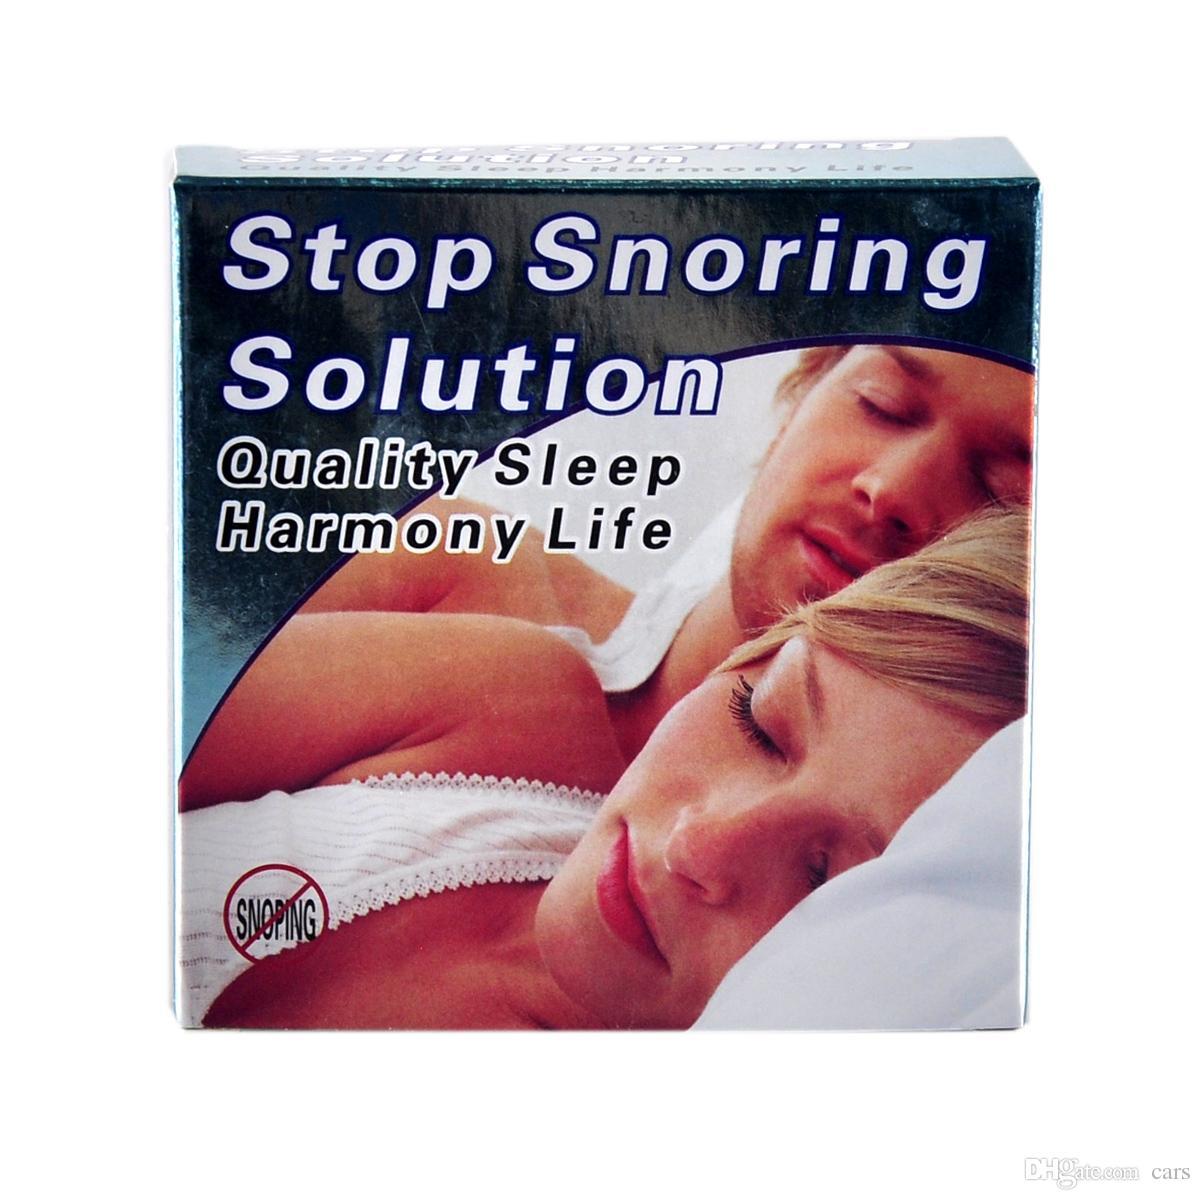 Inicio Salud Belleza Cuidado de la salud Cura de ronquidos Detalles del producto Detener la solución de ronquidos Lucha contra el ronquido Silicona suave Boquilla Buena Nig